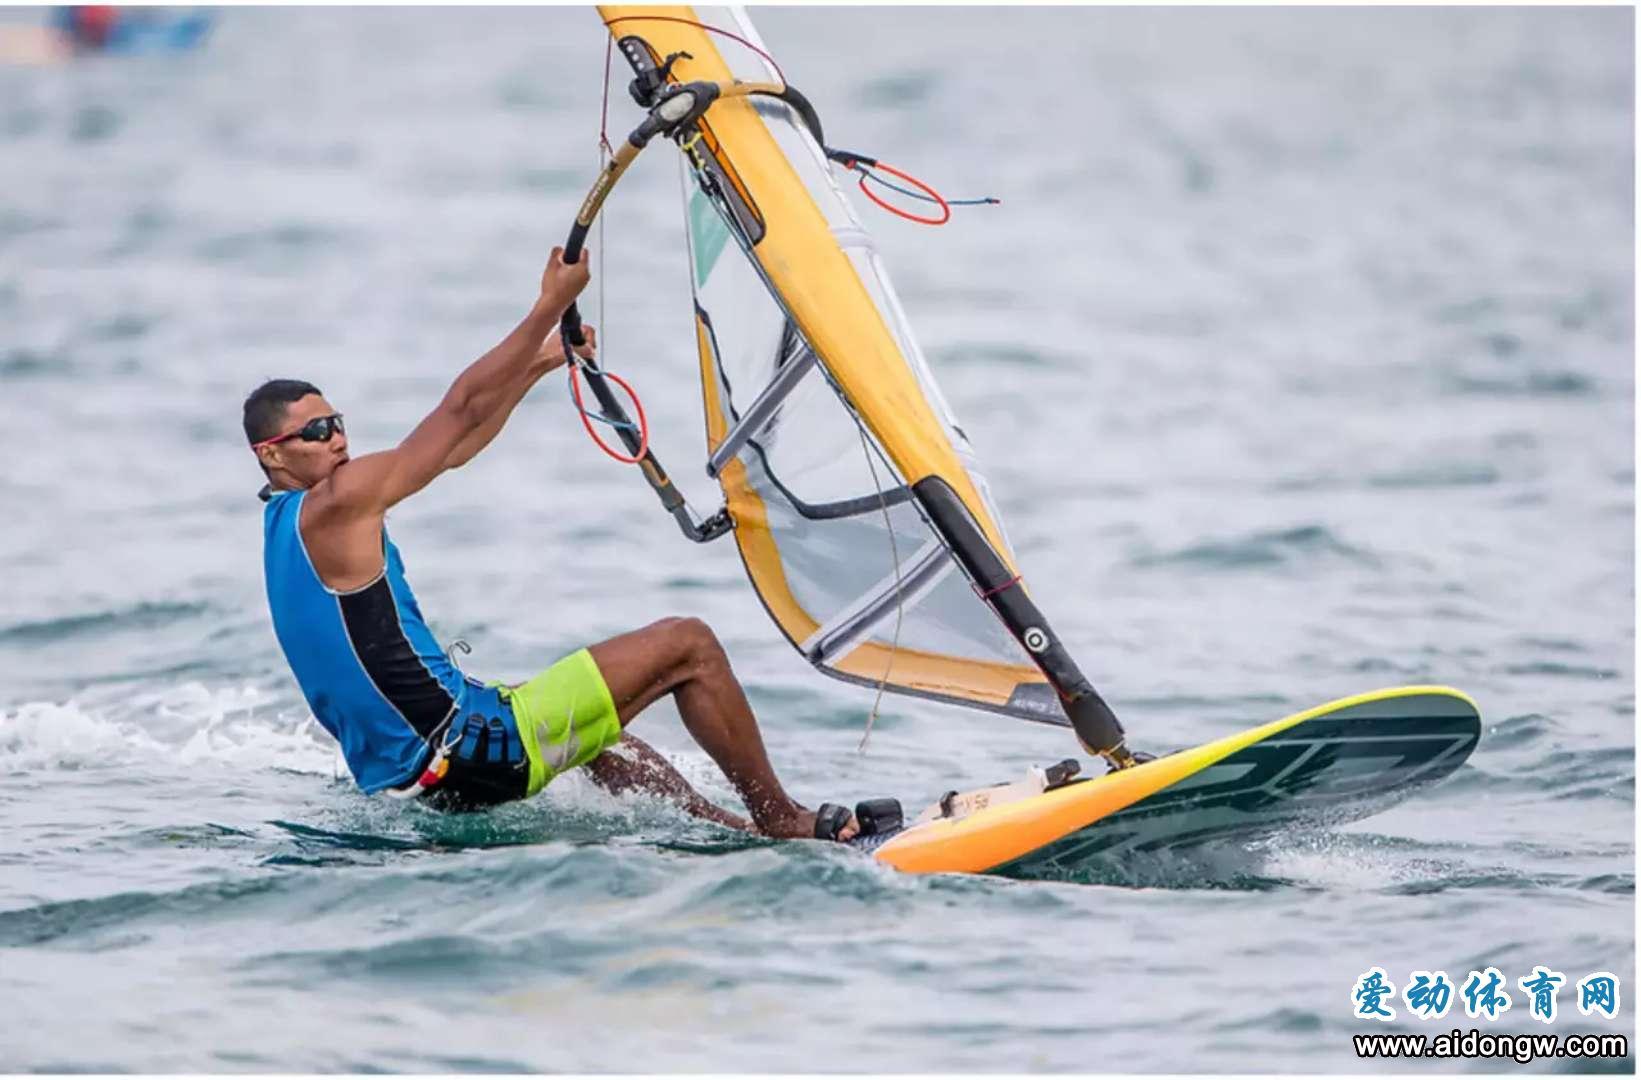 海南运动员毕焜入选!东京奥运会帆船项目中国队拟参赛名单公布